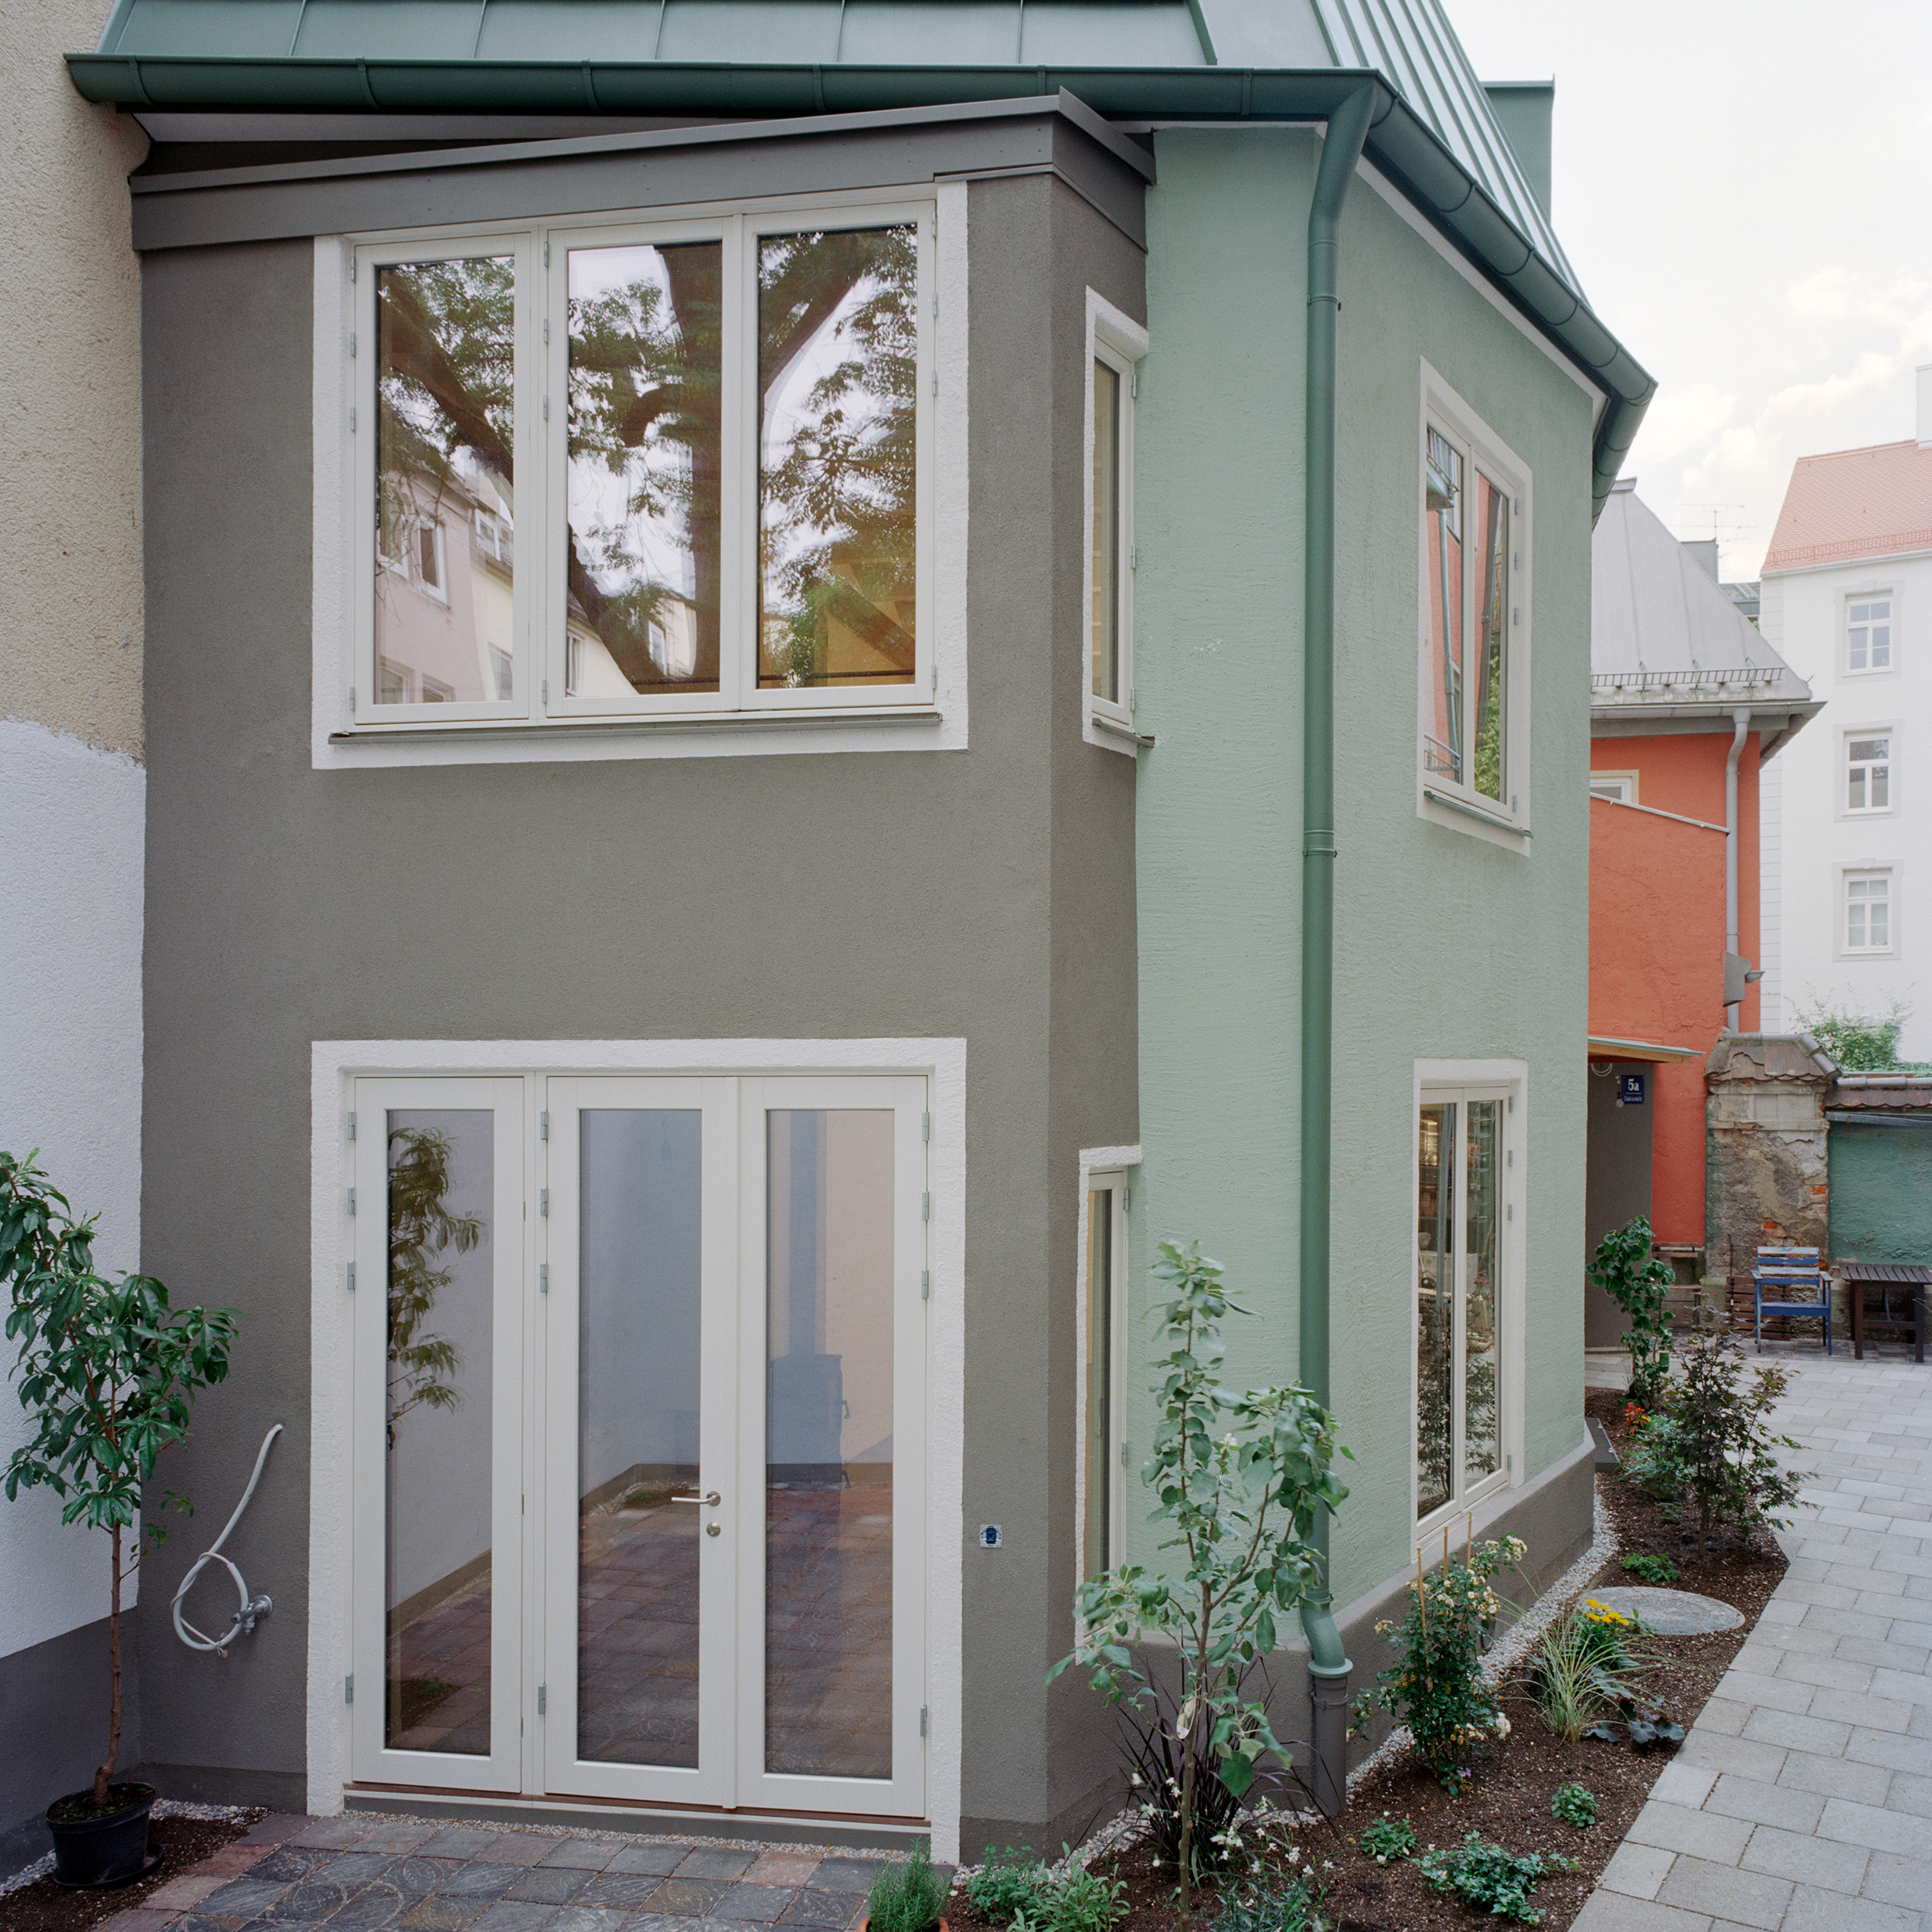 hinterhofhaus_quadratisch